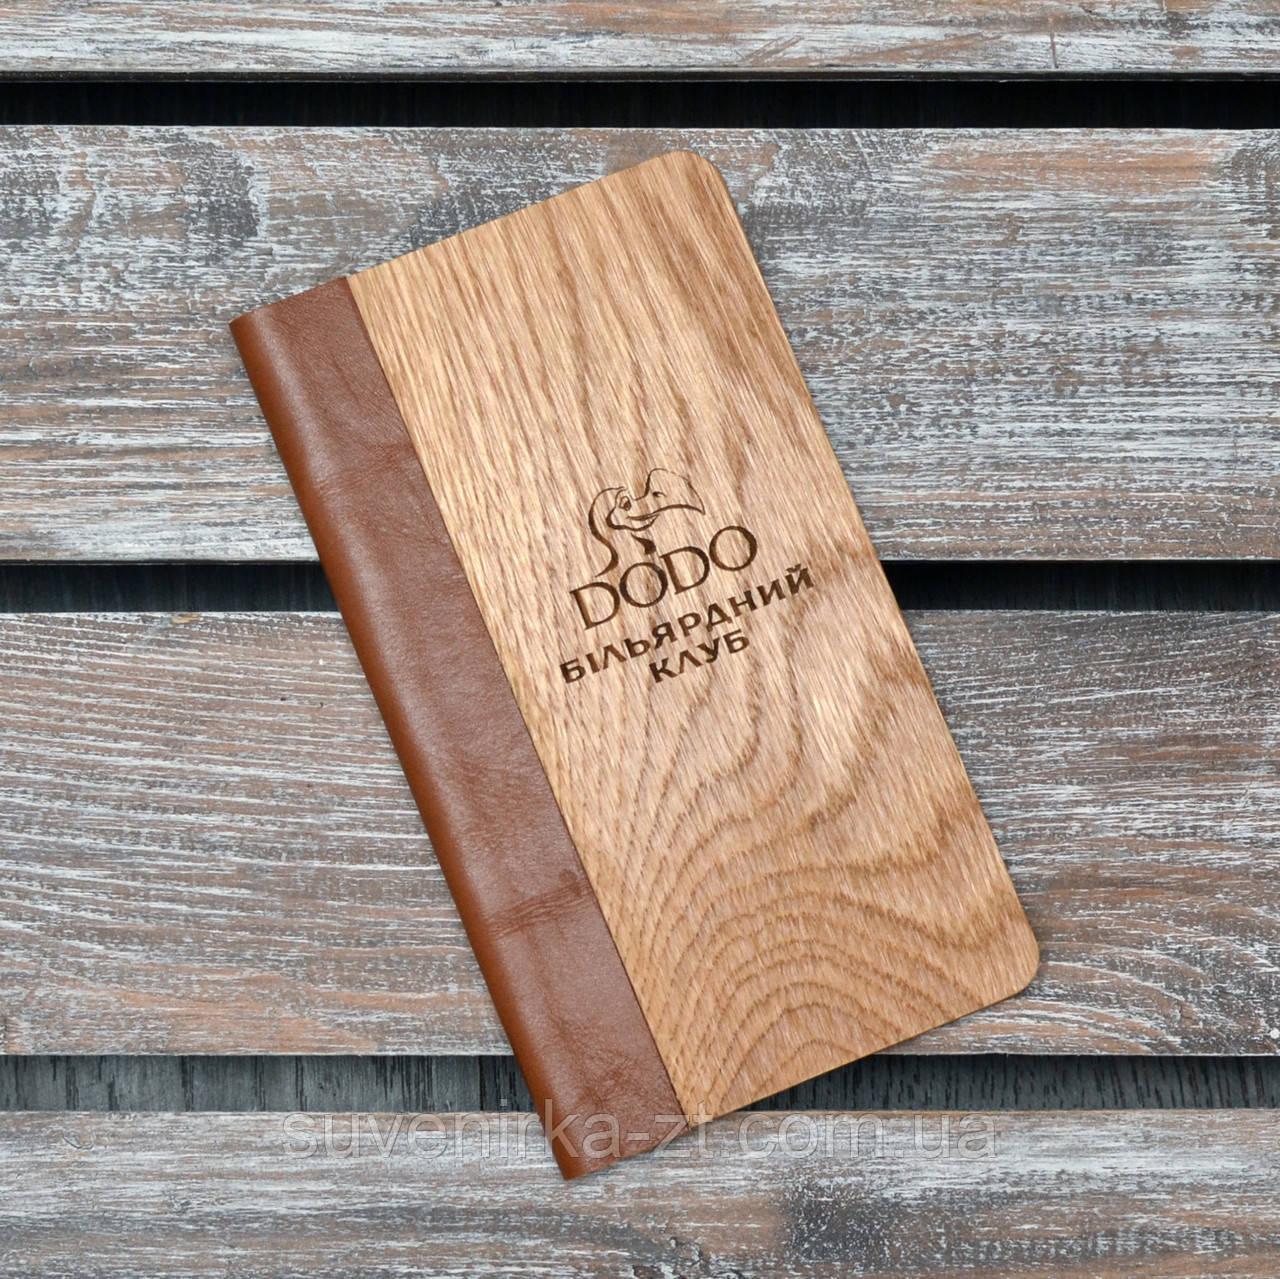 Счетницы из дерева. Расчетница, купюрница для бильярдного клуба из дерева. (A00923)